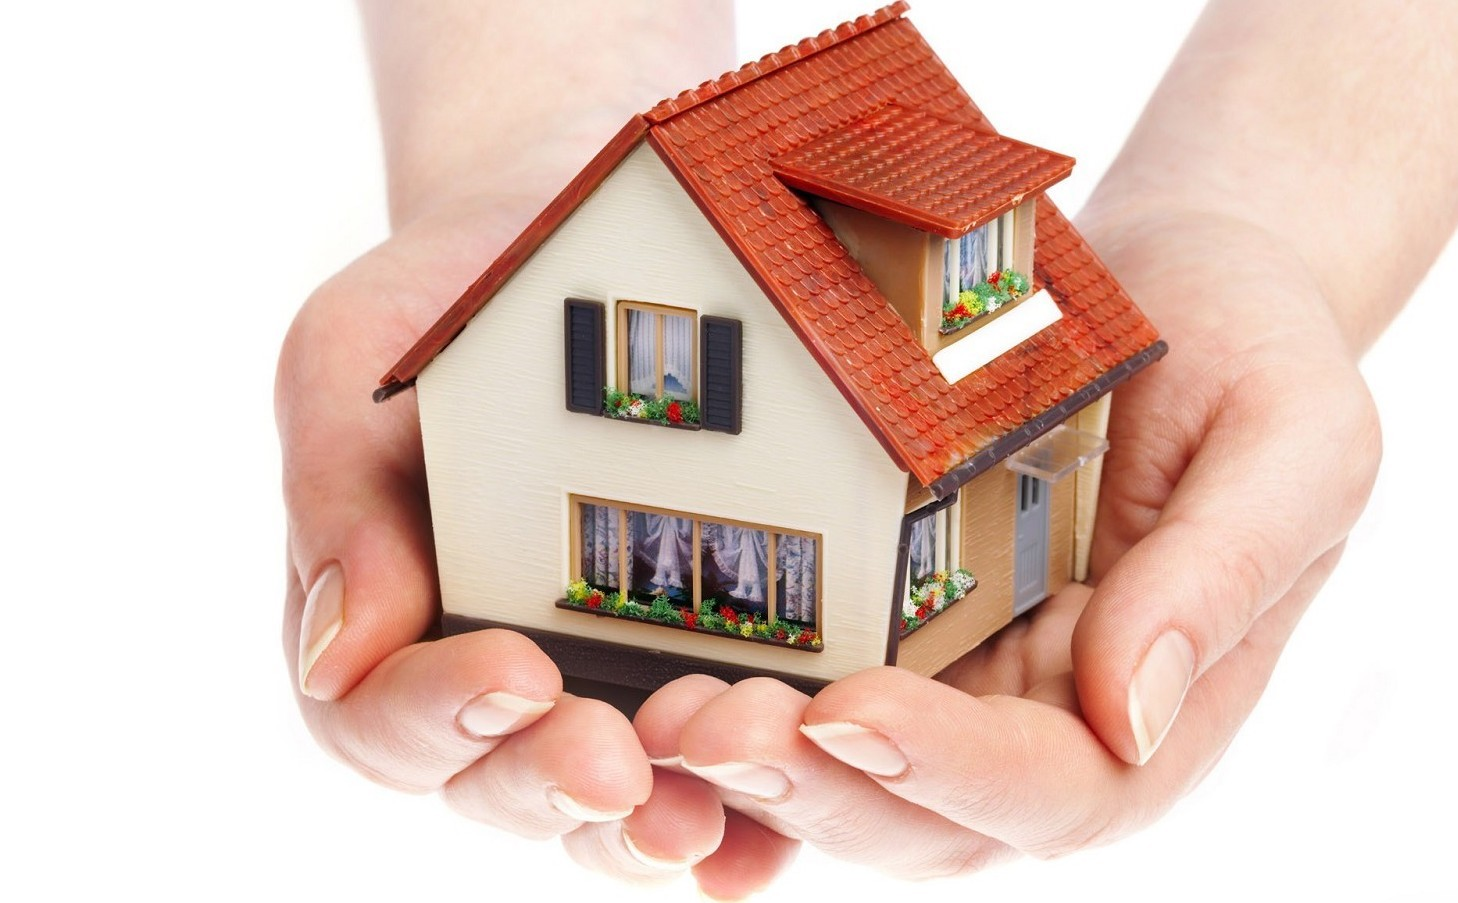 Amministratore condominio, obblighi, doveri e regole da rispettare